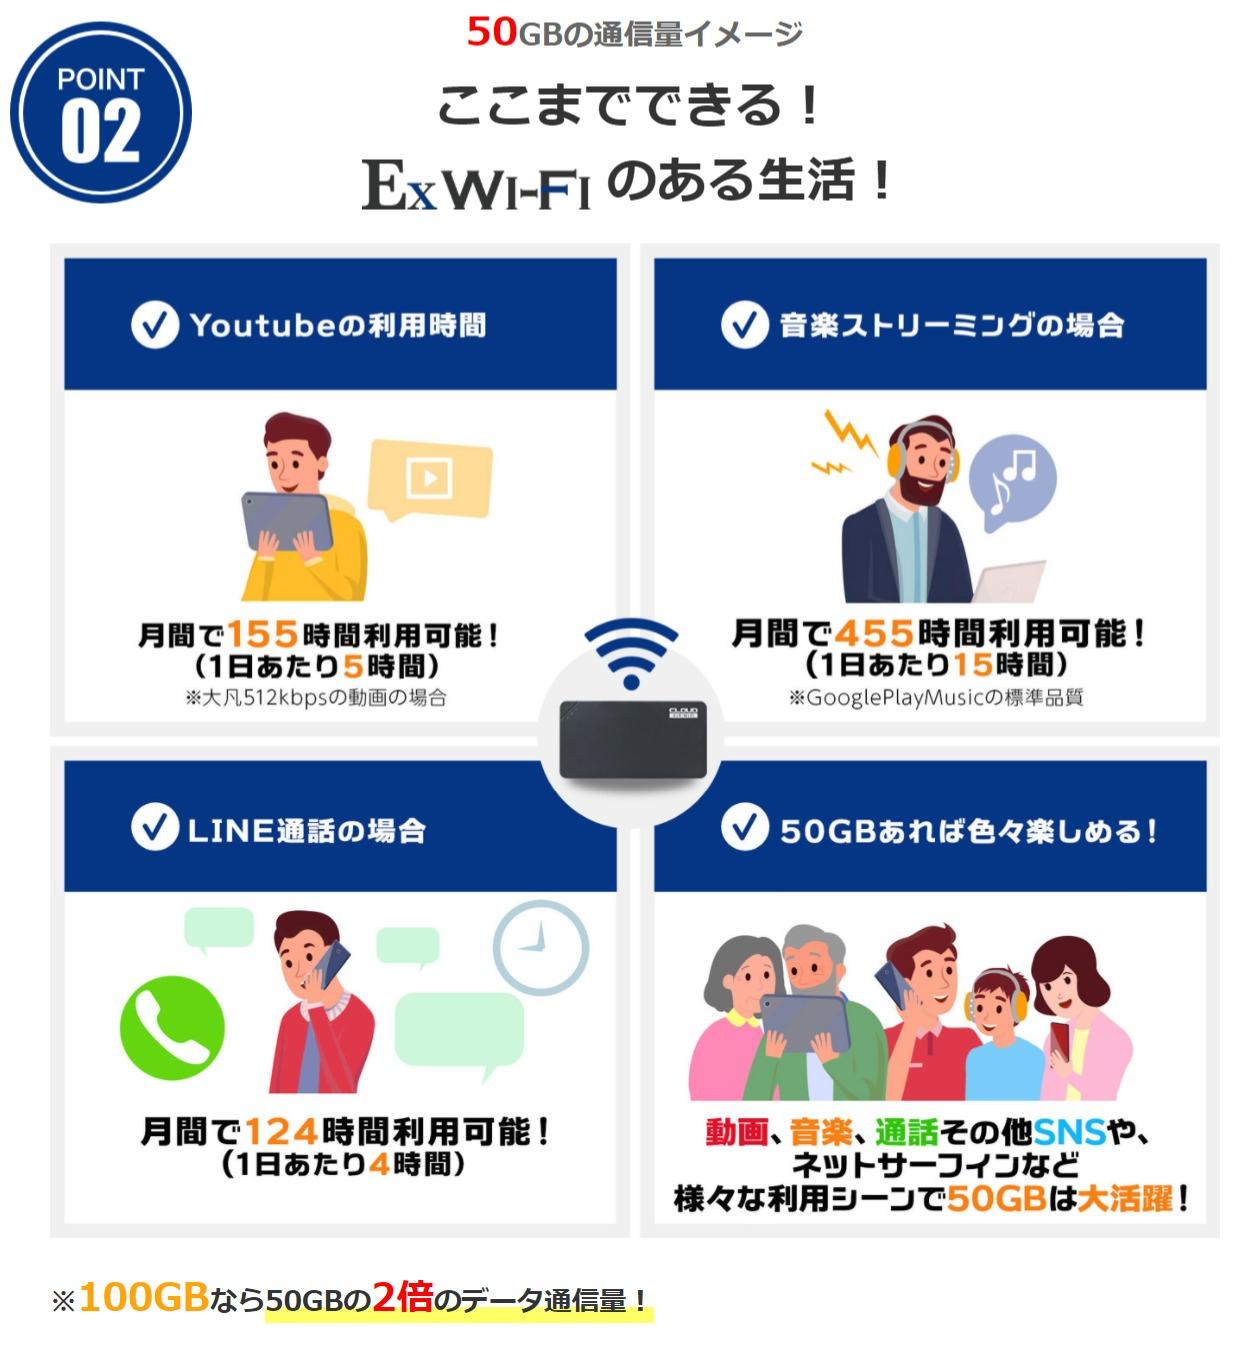 50GBの目安 - 【公式】Ex Wi-Fi CLOUD50GBの目安 - 【公式】Ex Wi-Fi CLOUD